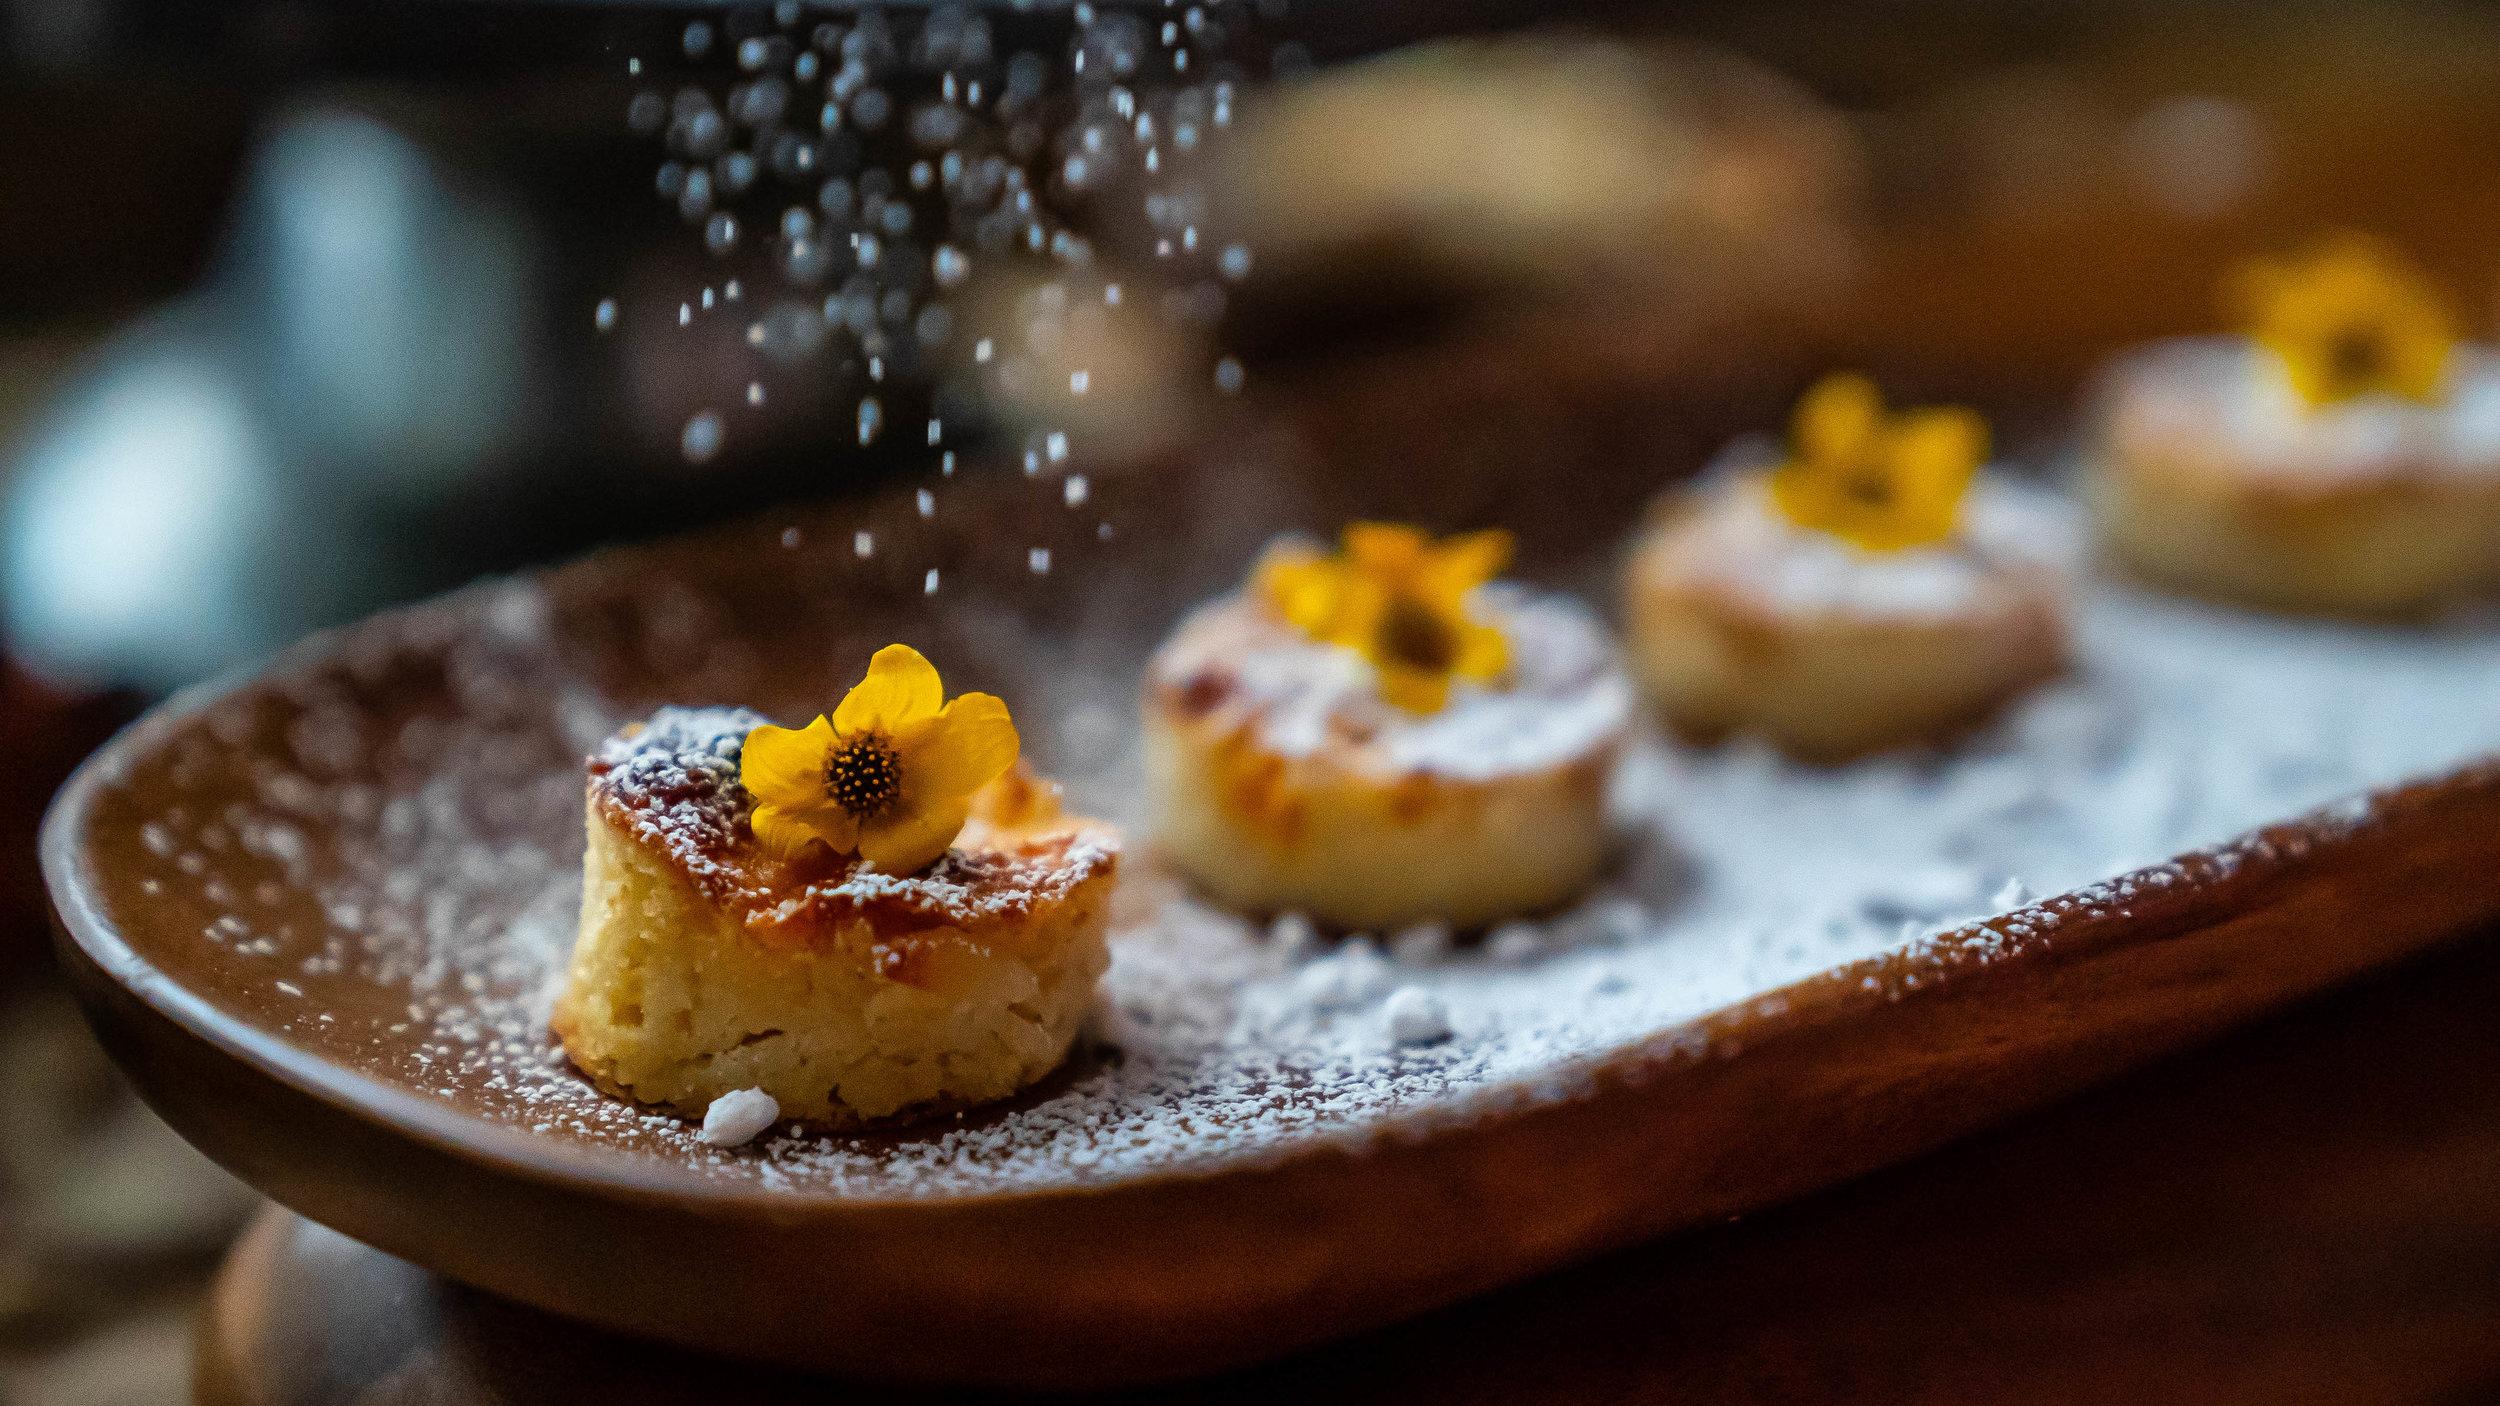 - Almond- peach brioche bread pudding bites